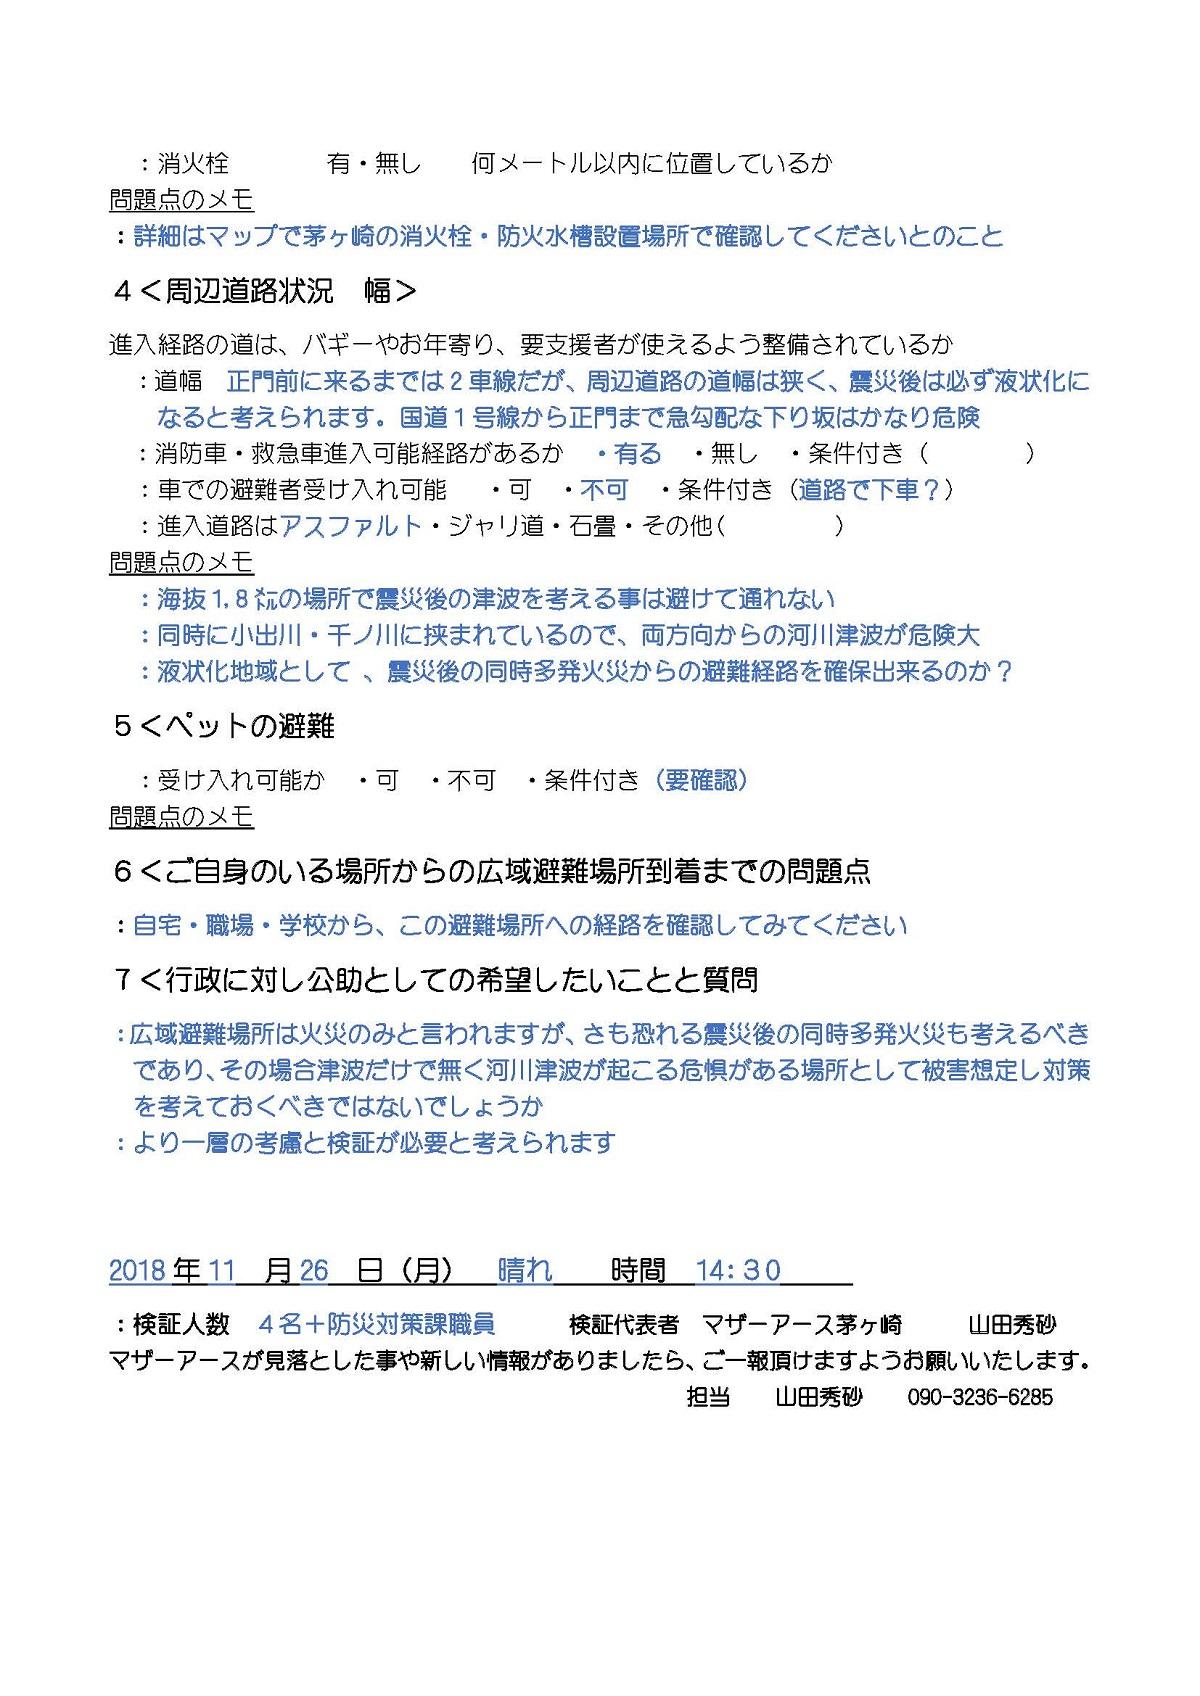 181新ー神奈川県衛生研究所広域指定ーマザーアース茅ヶ崎広域避難場所チェックシート_ページ_2